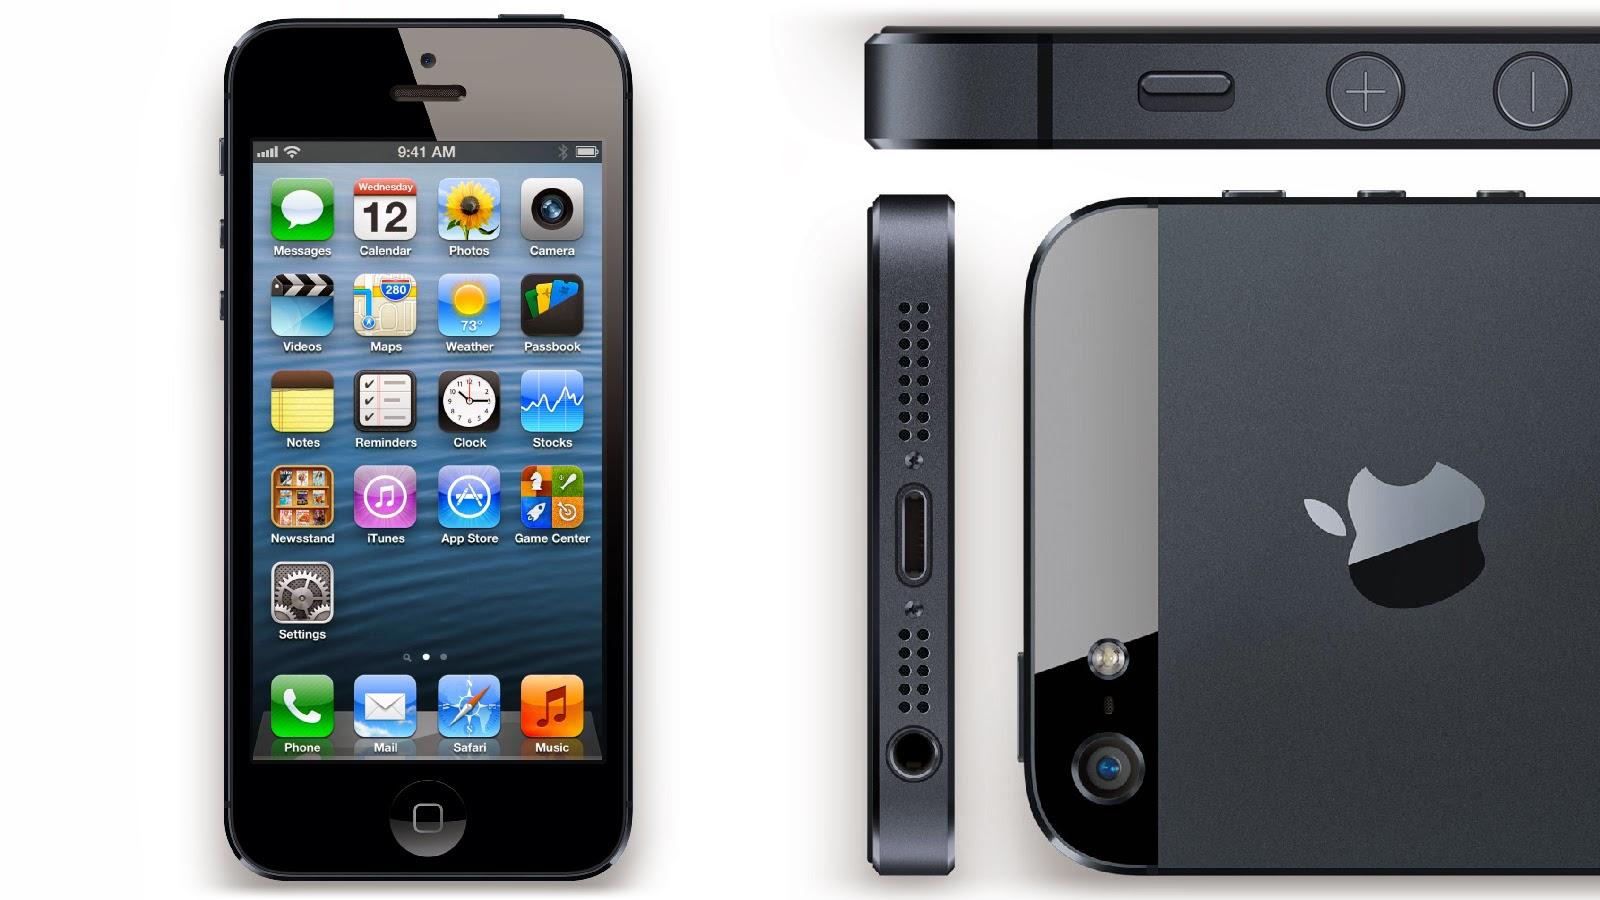 Como Desbloquear Iphone S Gratis